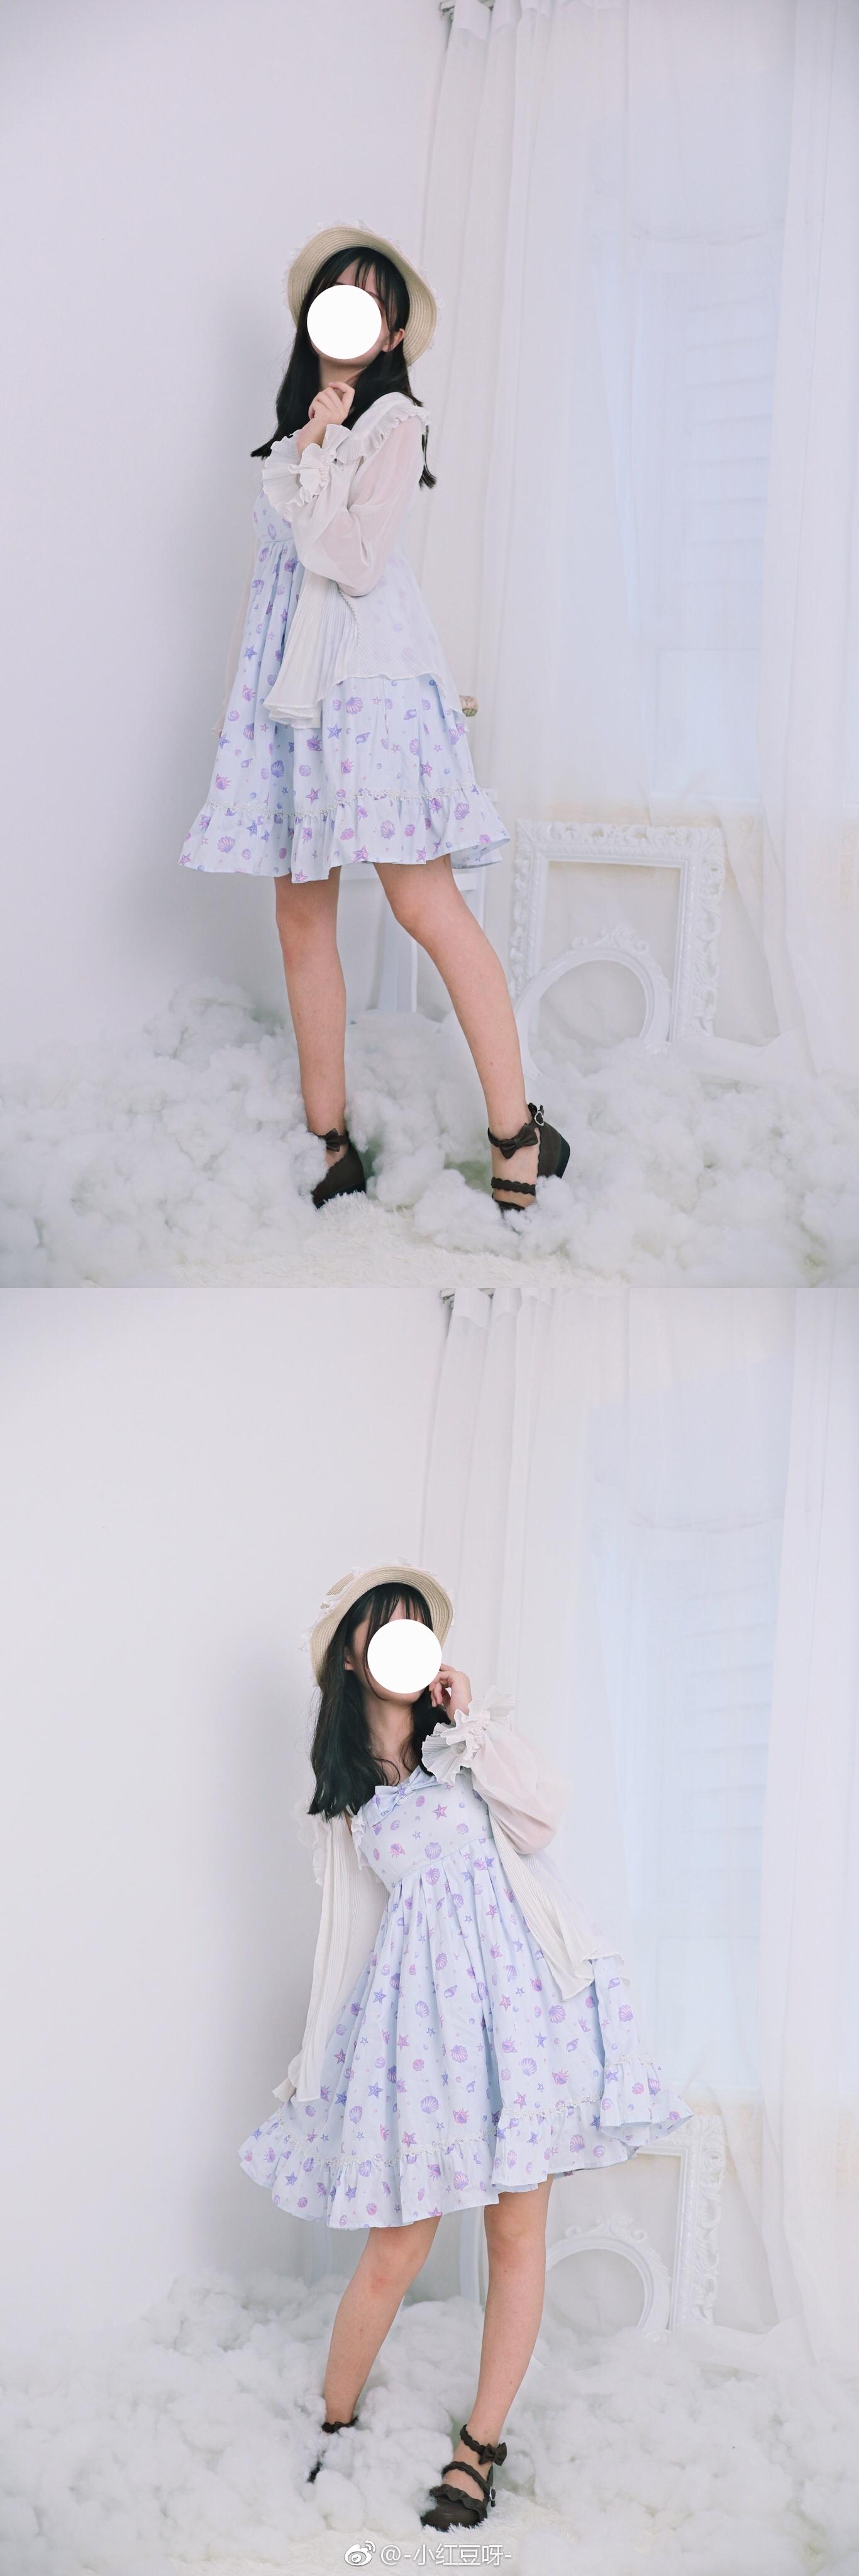 真正的萌妹子@小红豆呀,像小仙女一样 美女写真-第3张